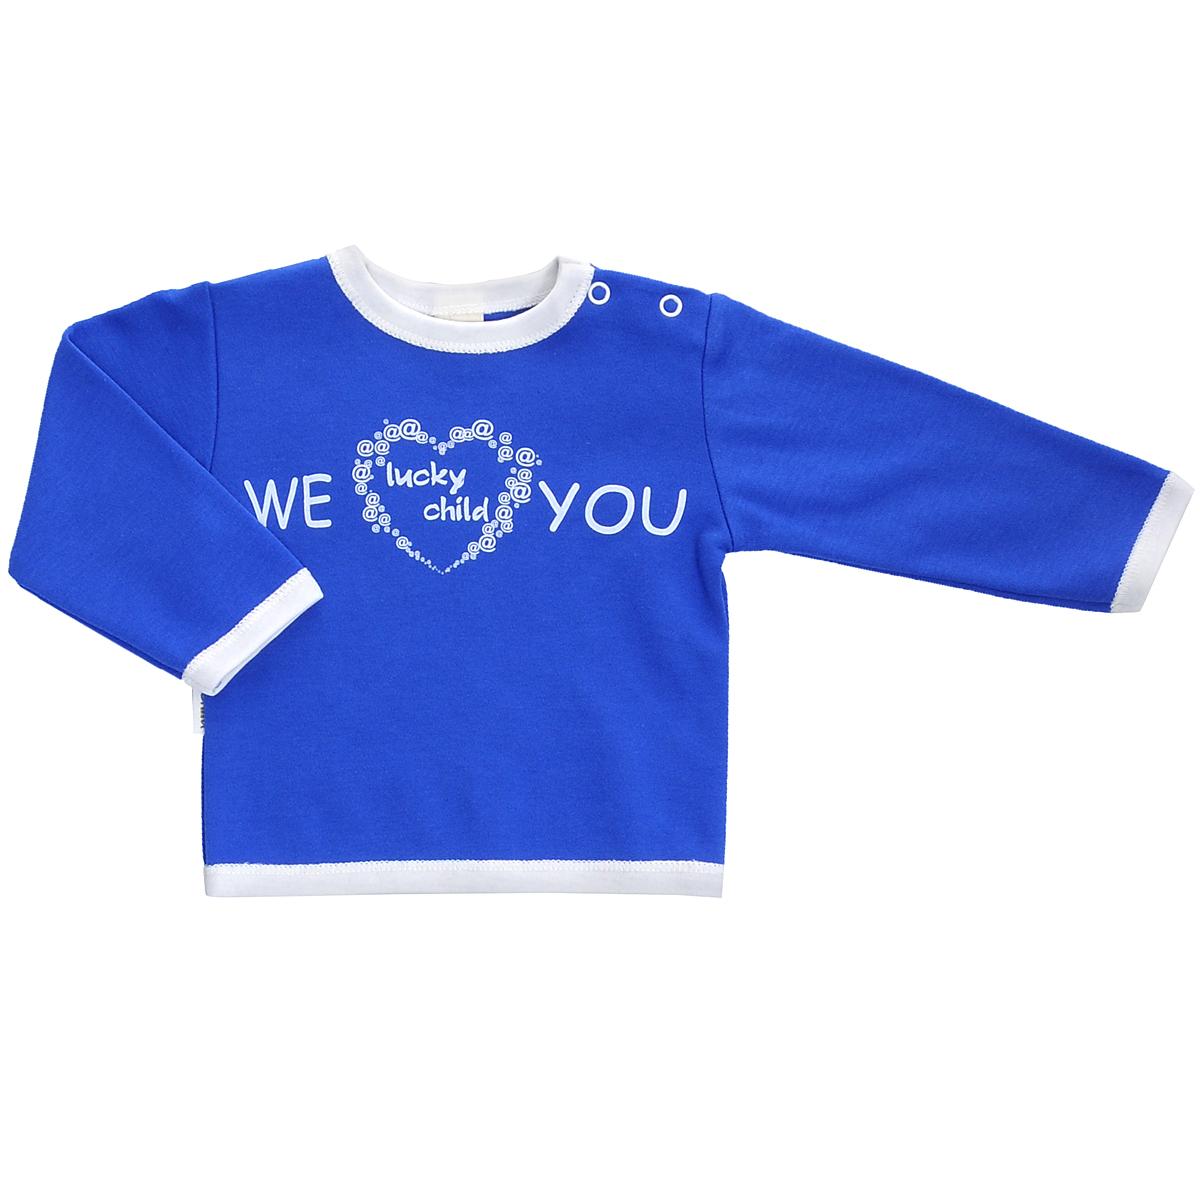 Футболка с длинным рукавом для мальчика Lucky Child, цвет: синий. 9-32. Размер 62/689-32Красивая футболка для мальчика Lucky Child идеально подойдет вашему маленькому мужчине. Изготовленная из натурального хлопка, она необычайно мягкая и приятная на ощупь, не сковывает движения малыша и позволяет коже дышать, не раздражает даже самую нежную и чувствительную кожу ребенка, обеспечивая ему наибольший комфорт. Футболка с длинными рукавами и круглым вырезом горловины имеет кнопки по плечу, которые позволяют без труда переодеть младенца. Вырез горловины, низ рукавов и низ изделия дополнены трикотажной резинкой. Спереди она оформлена оригинальный принтом. Оригинальный современный дизайн и модная расцветка делают эту футболку модным и стильным предметом детского гардероба. В ней ваш малыш будет чувствовать себя уютно и комфортно, и всегда будет в центре внимания!